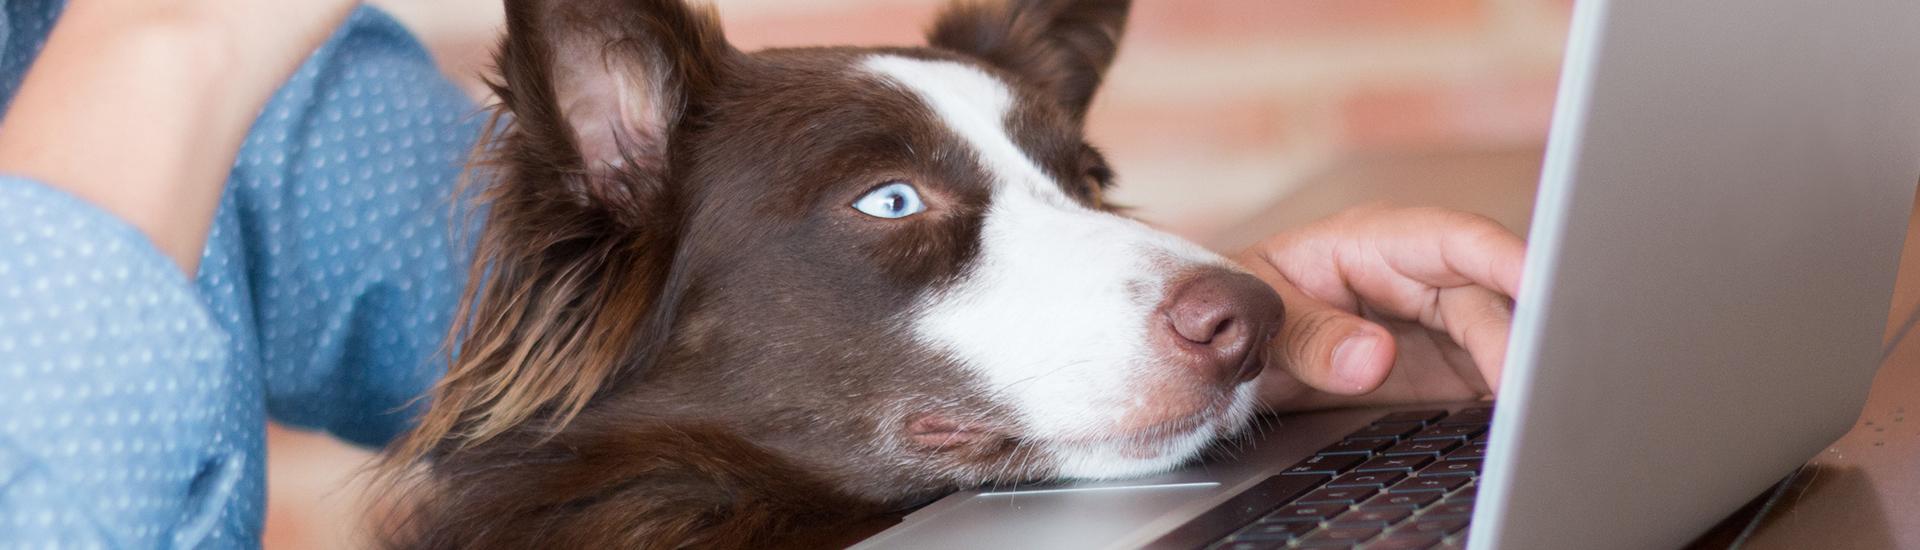 dog looking at computer screen